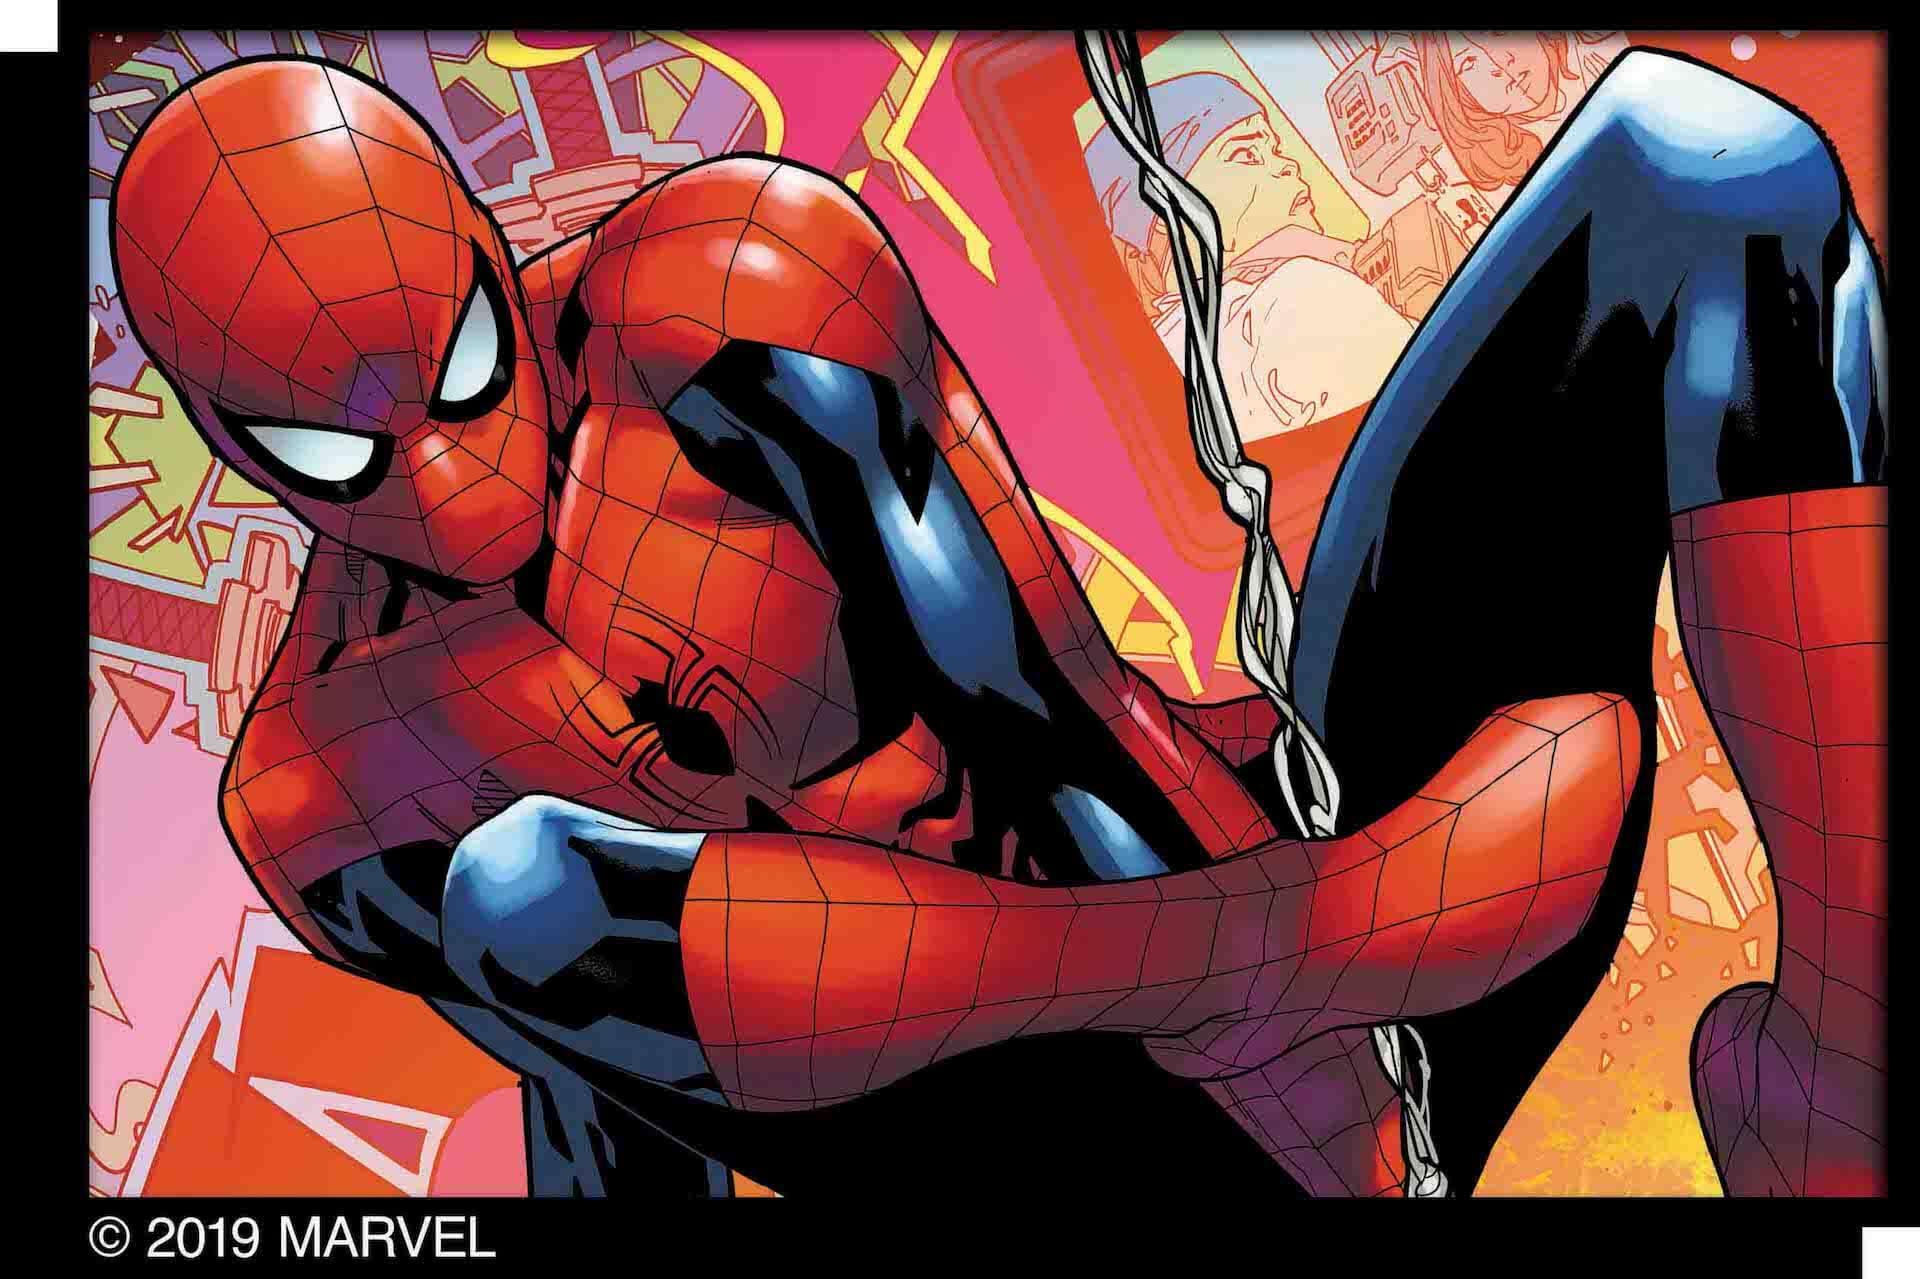 「スパイダーマン」や「キャプテン・アメリカ」が腕時計に!マーベルキャラクターをモチーフにしたシチズン腕時計全9モデルが登場 tech190919_marvel_watch_4